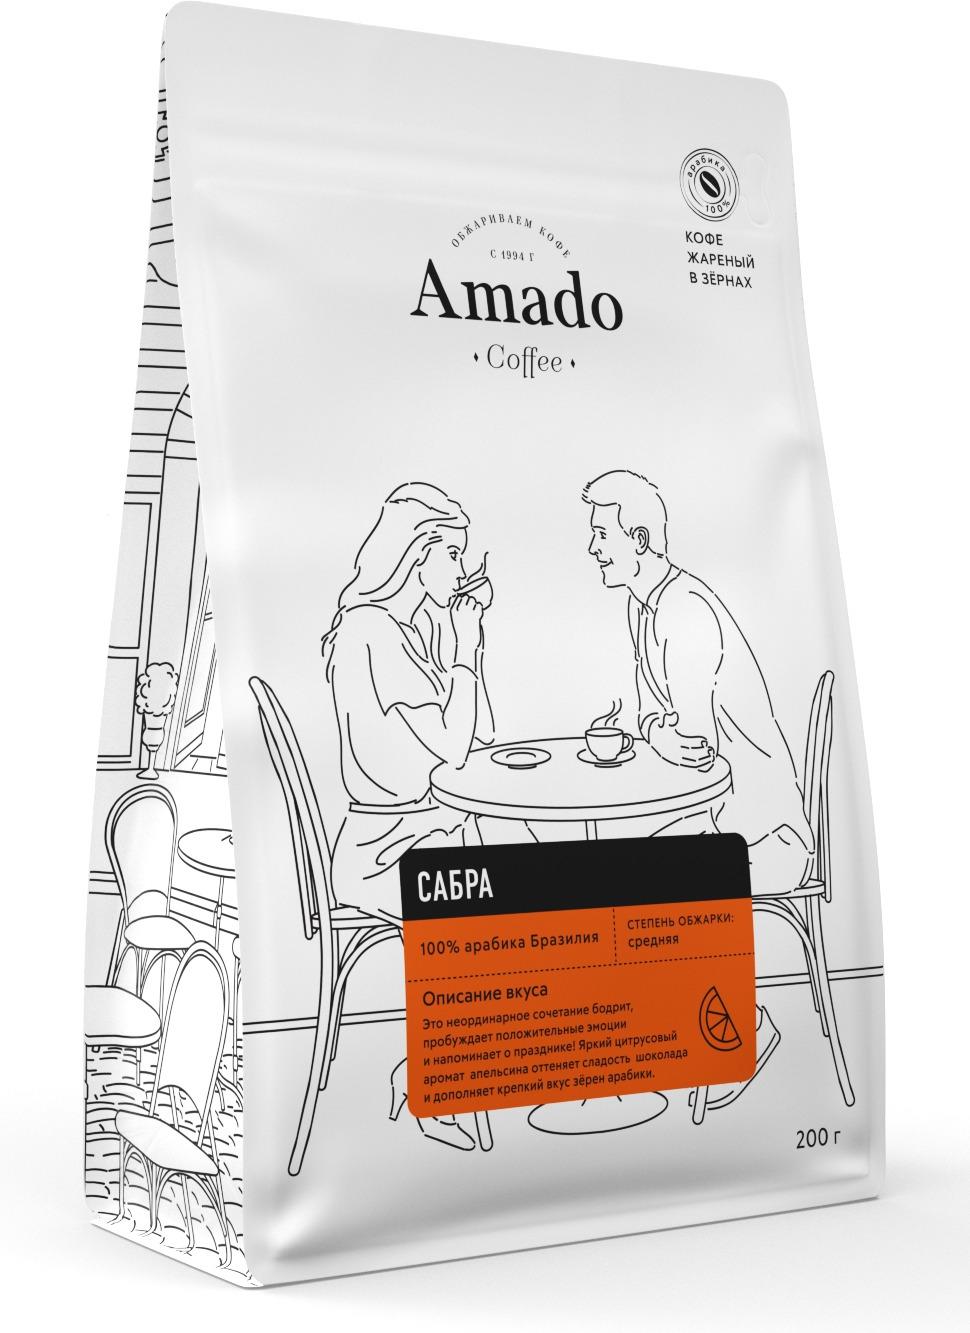 AMADO Сабра кофе в зернах, 200 г amado шоколад кофе в зернах 200 г